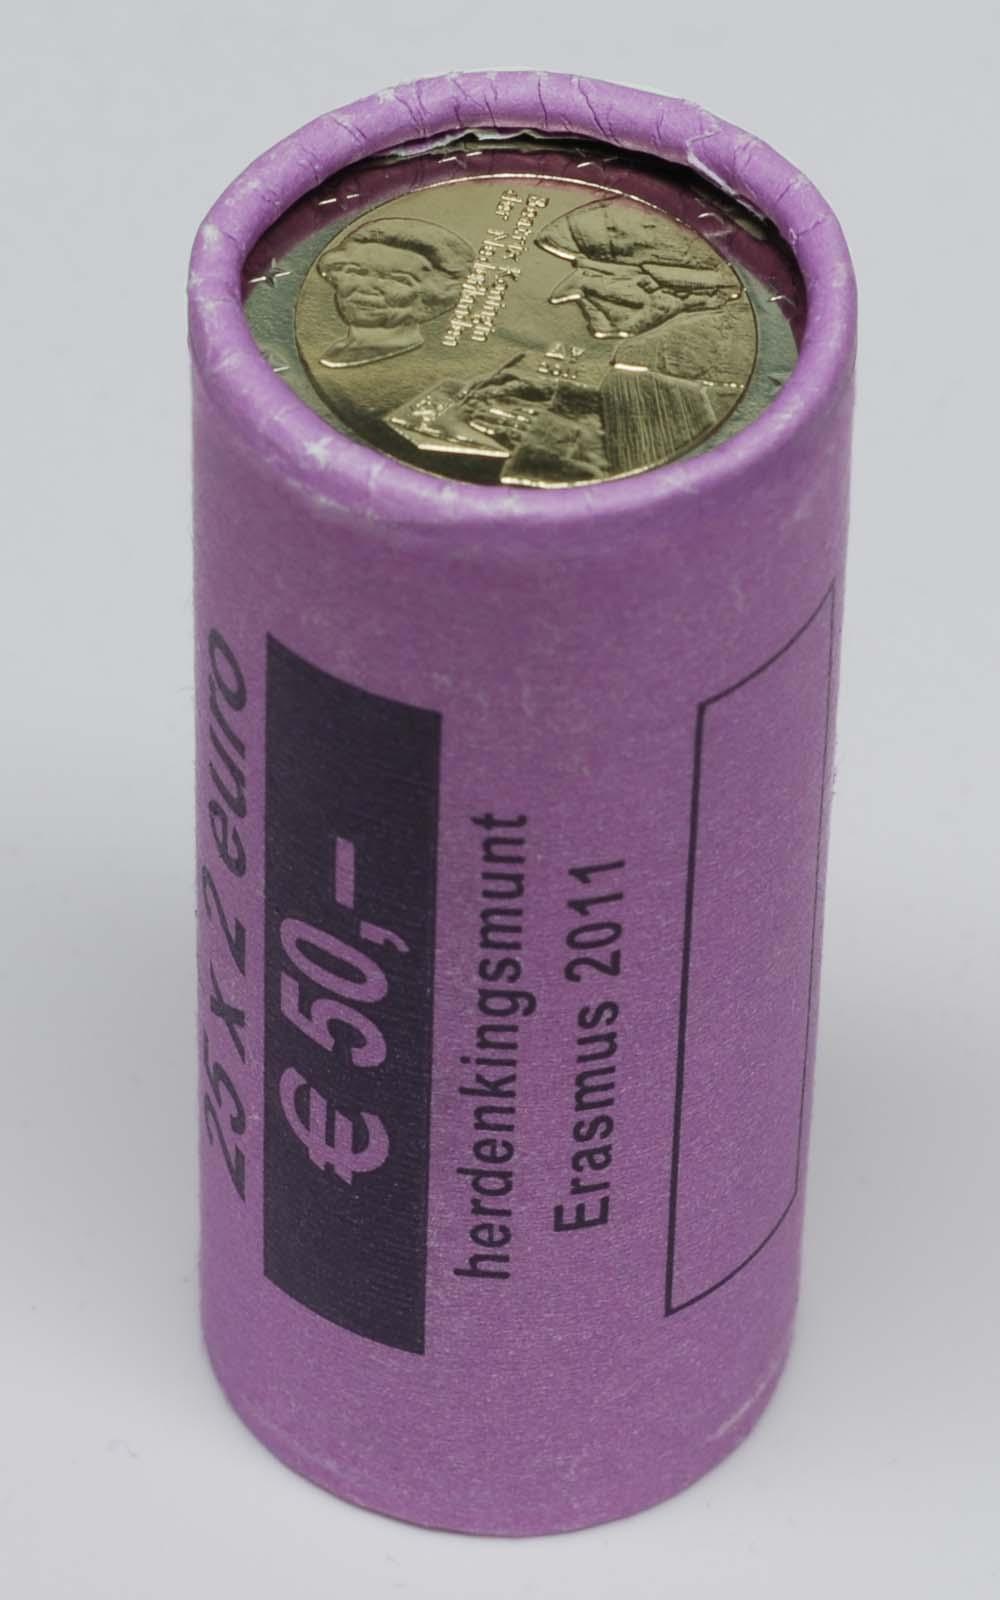 Lieferumfang:Niederlande : 2 Euro Originalrolle Erasmus 25 x 2 Euro Blindrolle  2011 Stgl. 2 Euro Rolle Erasmus 2011